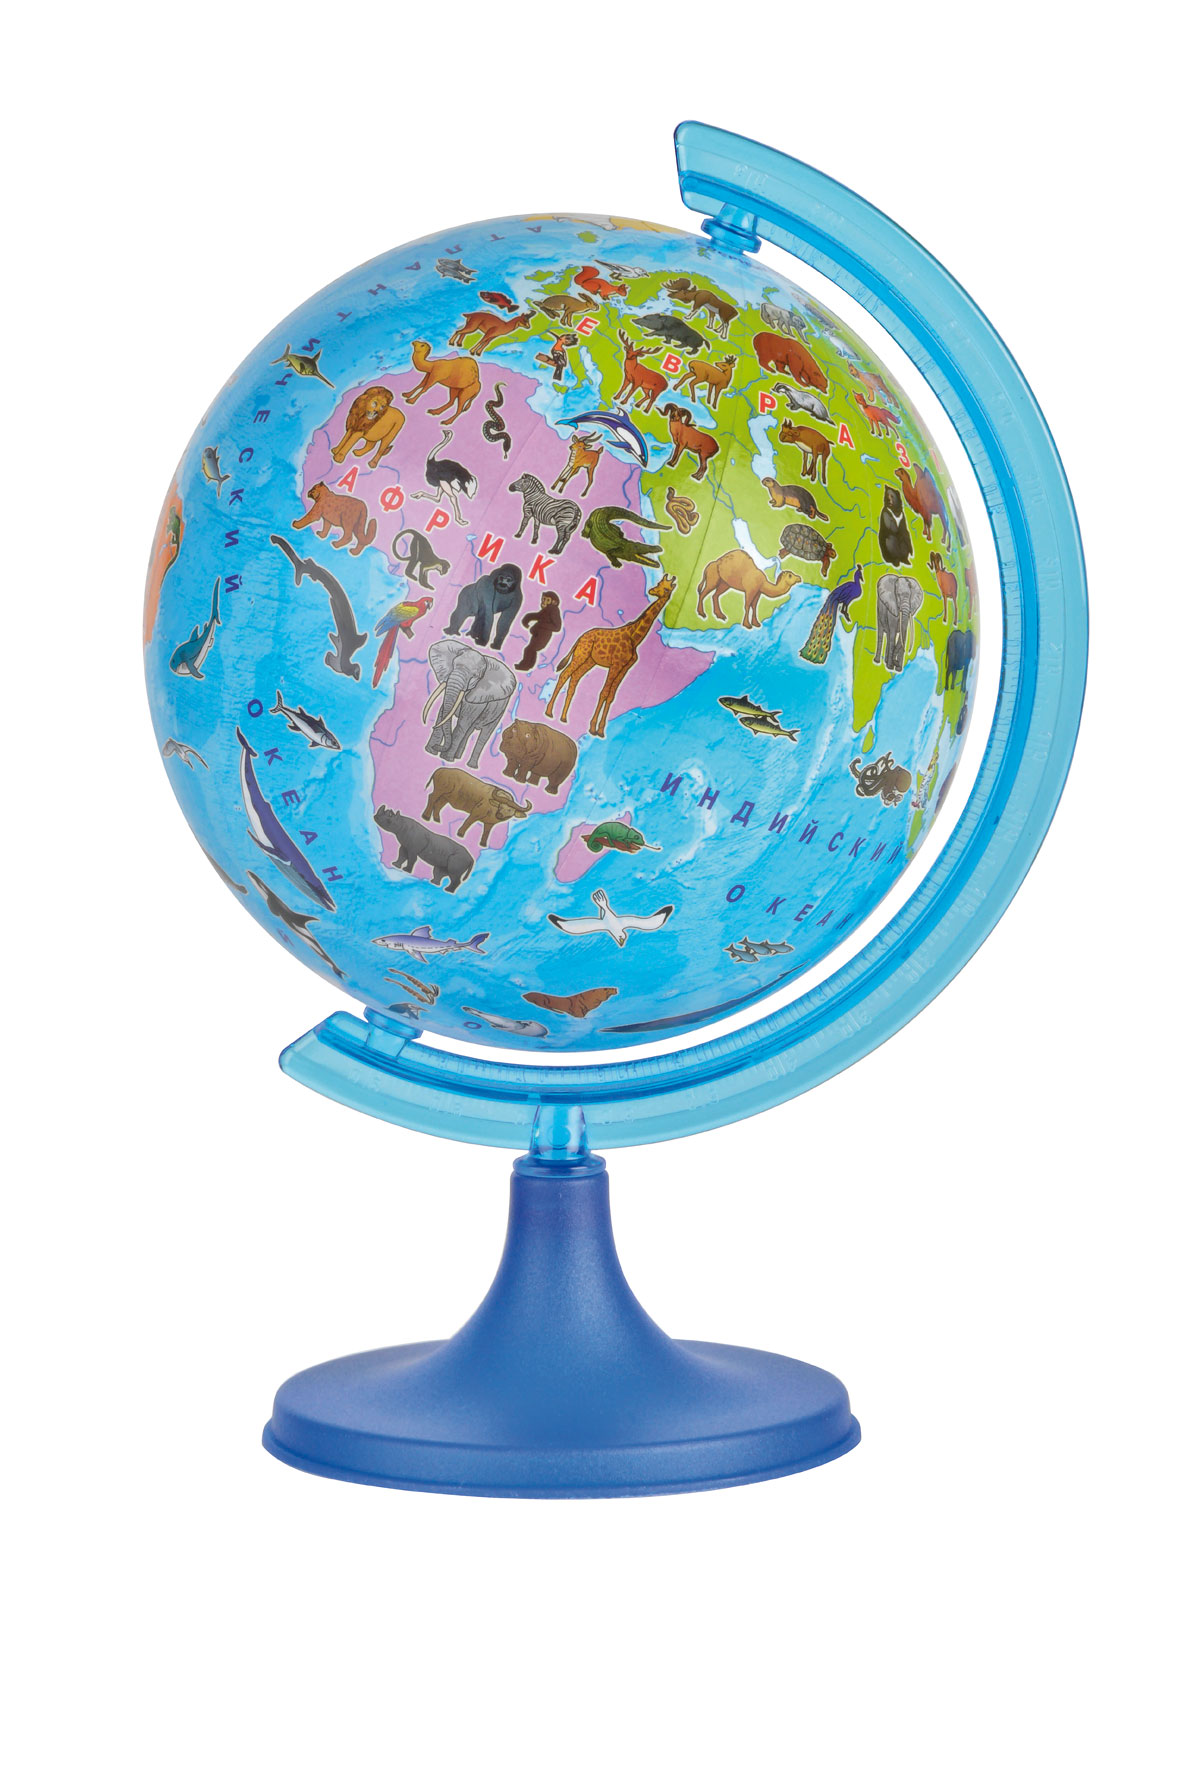 Глобус DMB Сафари, диаметр 16 см + Мини-энциклопедия Животный Мир Земли10170Глобус DMB Сафари изготовлен из высококачественногопрочного пластика в оригинальной, яркой цветной гамме, где все материки и океаны выполнены в ярких контрастных красках, что привлечет внимание и интерес ребенка. На глобусе отображены самые известные животные, наиболее характерные для той или иной среды обитания. Изделие расположено на подставке. Географические названия на глобусе приведены нарусском языке. Сделайте первый шаг в стимулирование своегообучения! К глобусу прилагается мини-энциклопедия Животный Мир Земли, которая обязательно поможет детям и их родителям открыть для себя что-то новое в изучении животного мира нашей удивительной планеты.Настольный глобус DMB Сафари станет оригинальным украшением рабочегостола или вашего кабинета. Это изысканная вещь для стильного интерьера,которая станет прекрасным подарком для современного преуспевающегочеловека, следующего последним тенденциям моды и стремящегося кэлегантности и комфорту в каждой детали.Высота глобуса с подставкой: 24 см.Диаметр глобуса: 16 см.Масштаб: 1:80 000 000.